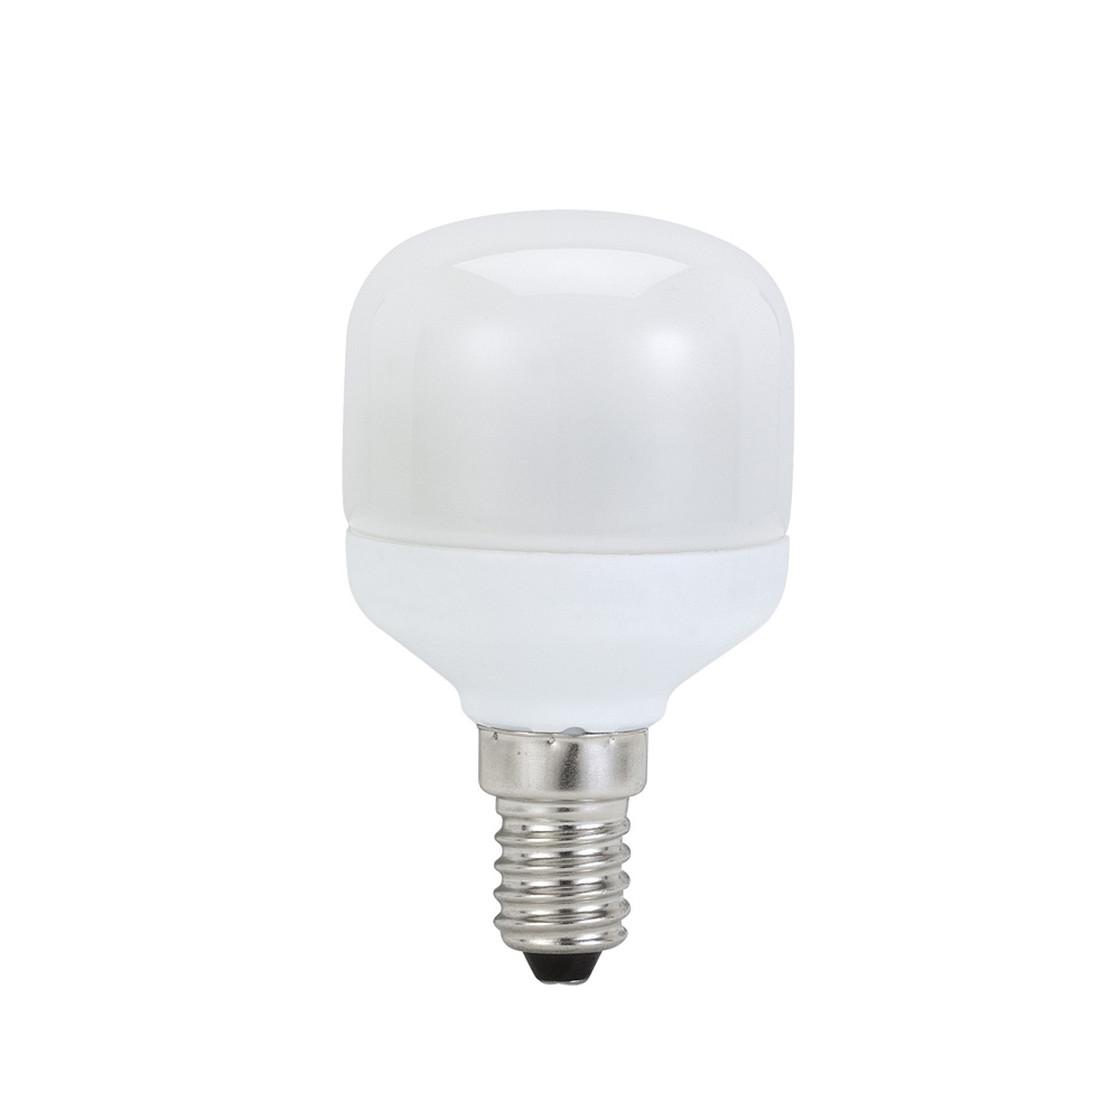 Paulmann energiesparlampe 7 w e14 warmwei tropfen for Lampen rampe